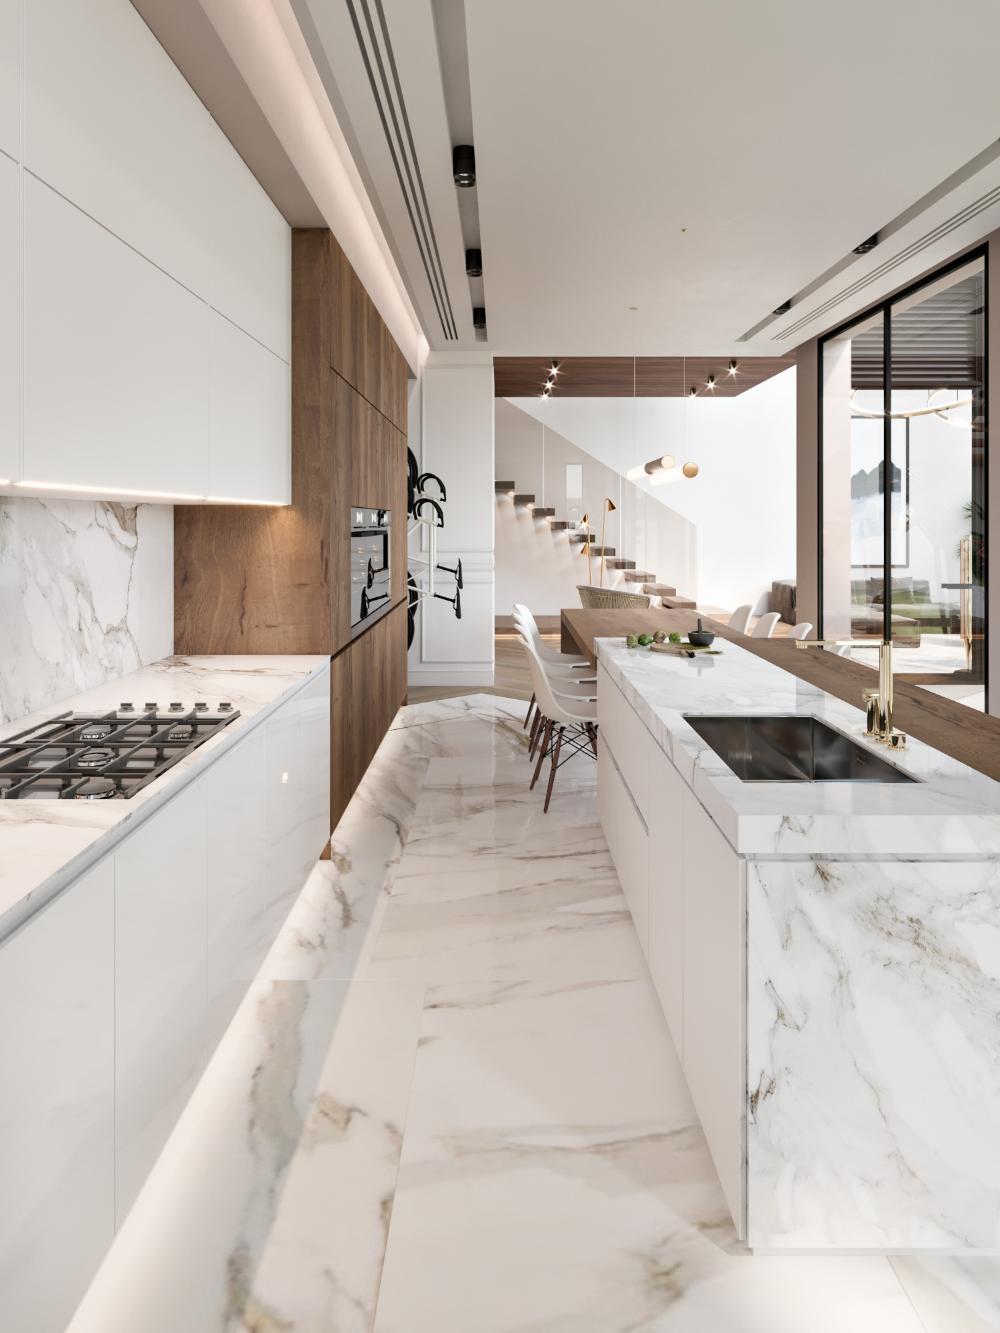 M9 Villas on Behance   Modern kitchen design, Luxury kitchen ...